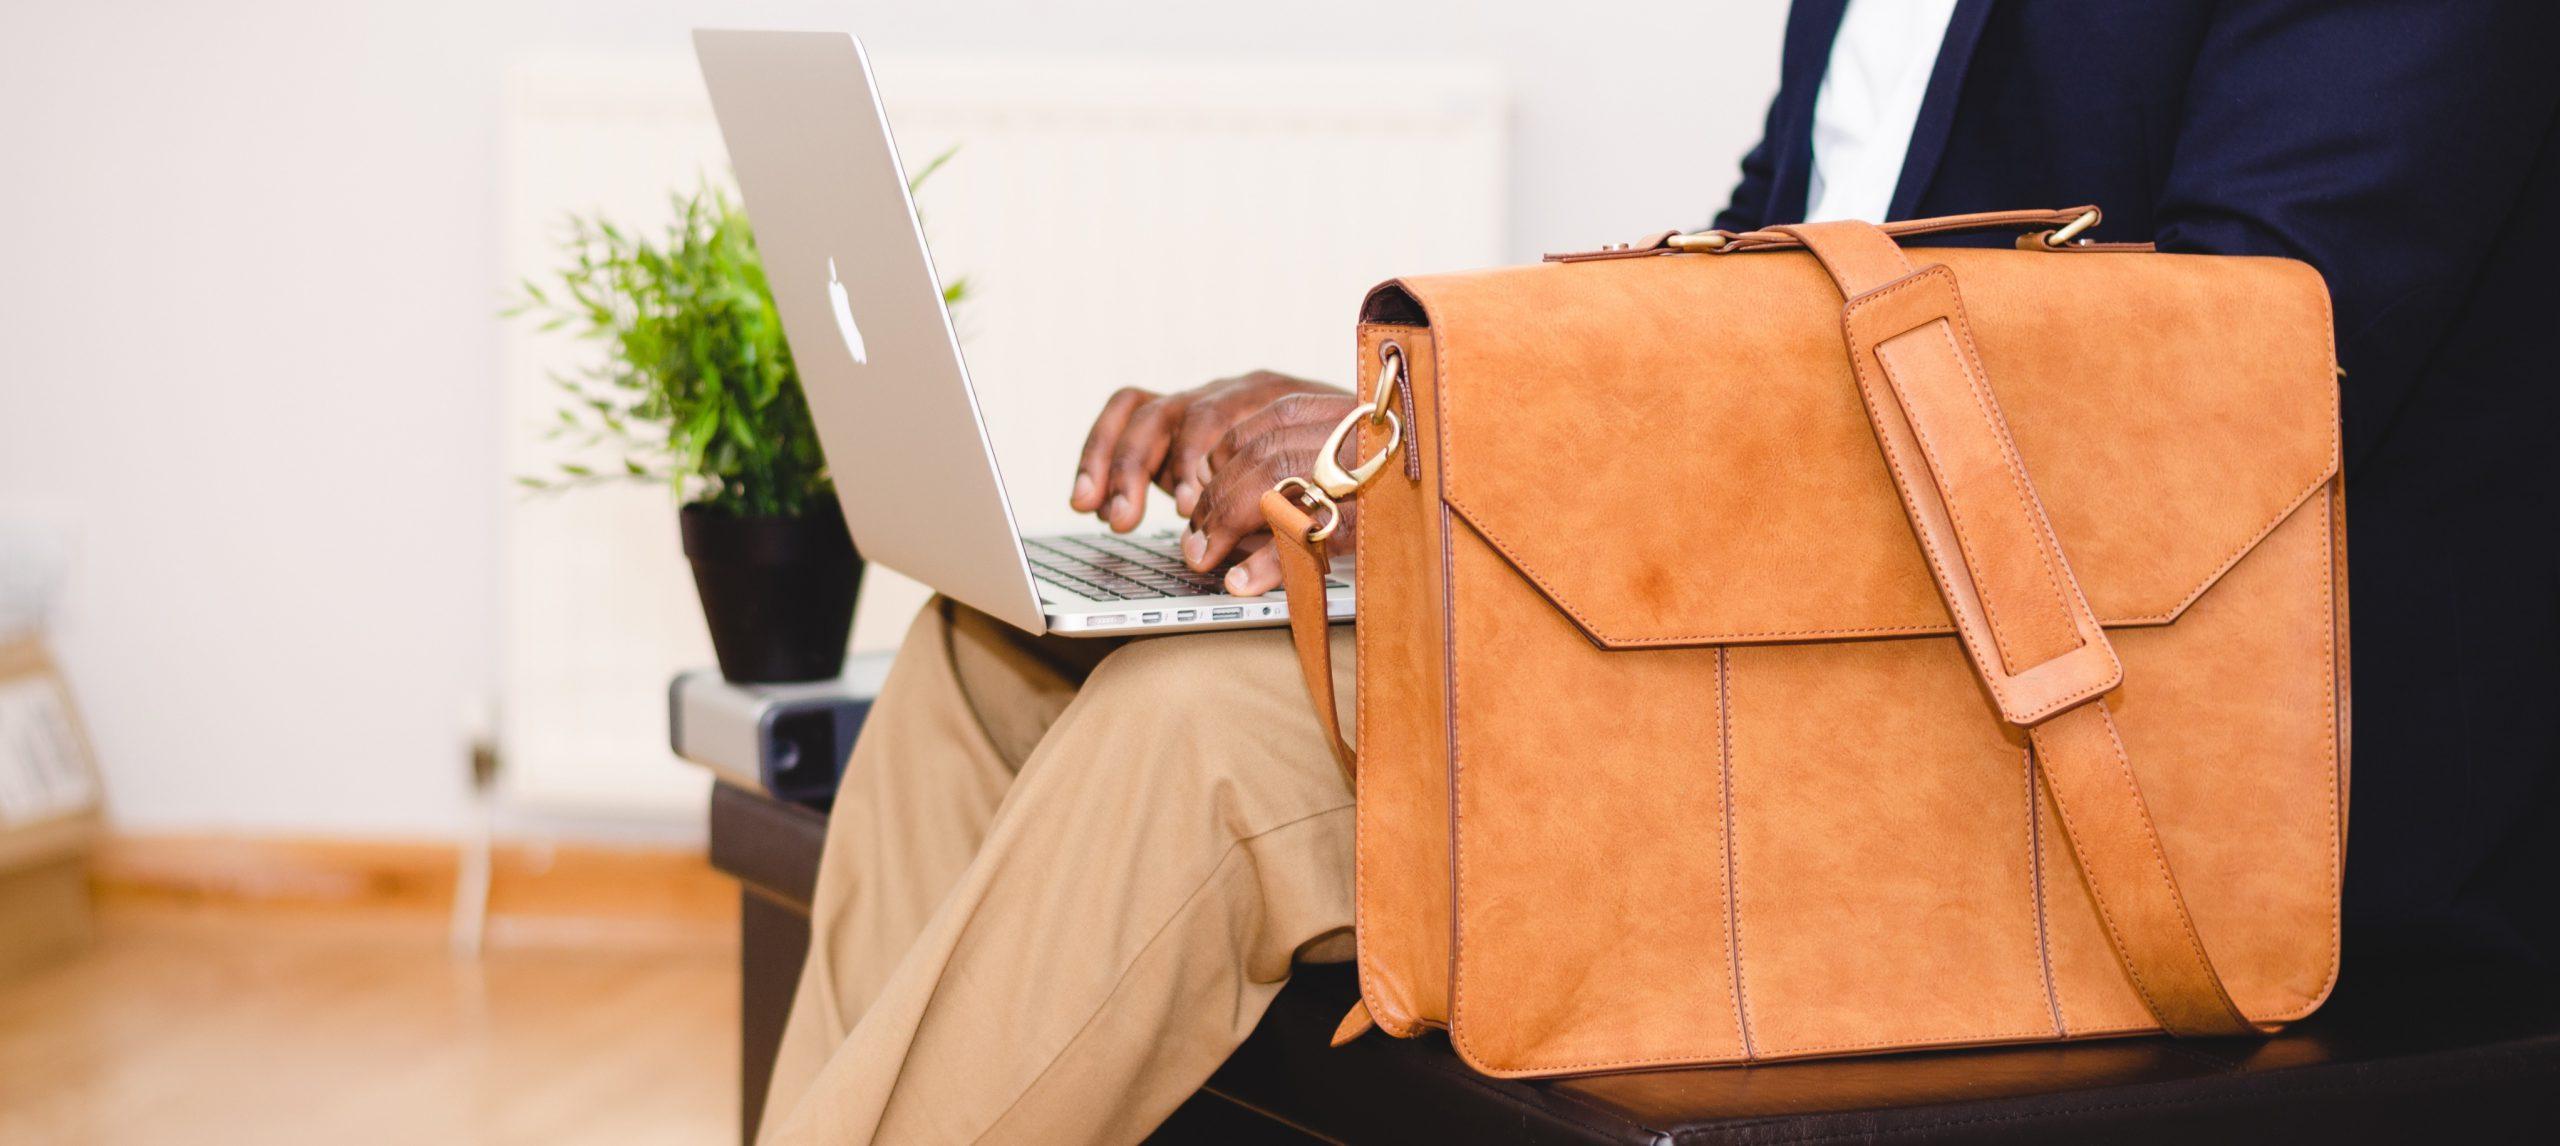 Ohne geht's nicht: Das gehört in deine Businesstasche